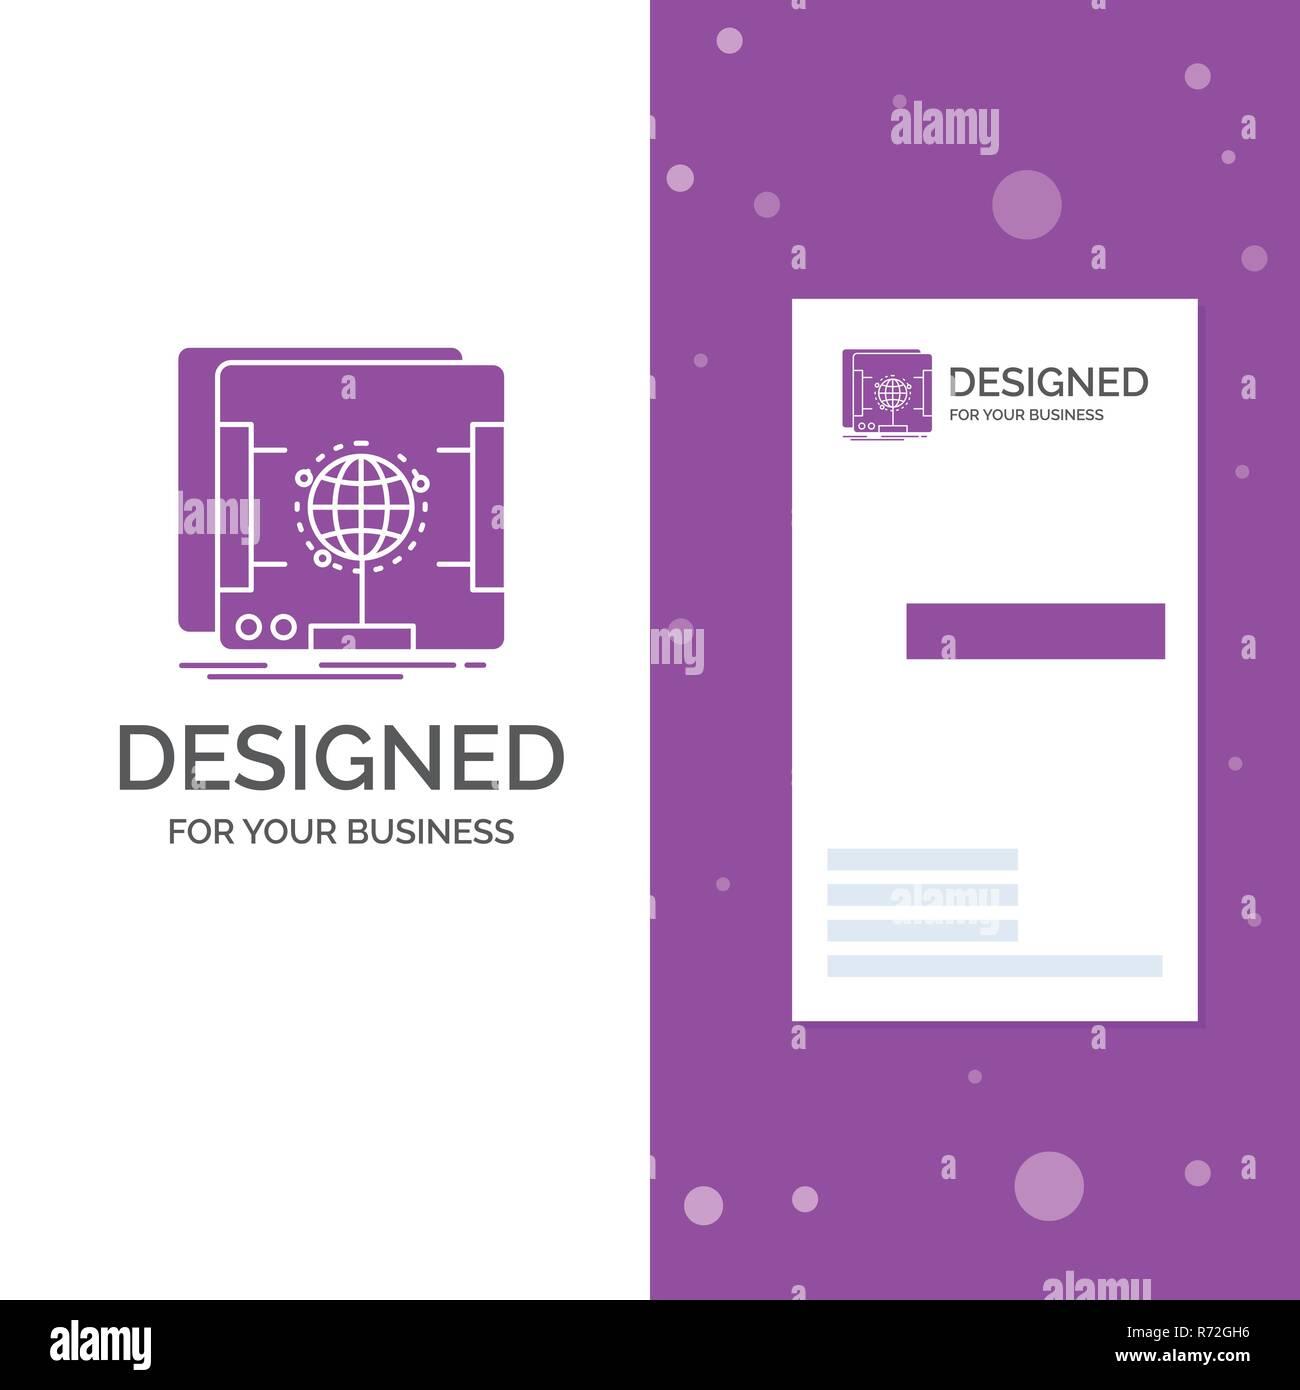 Logo Dentreprise Pour La 3d Dimensions Holographique Scanner Lentreprise Violet Verticale Modele De Carte Visite